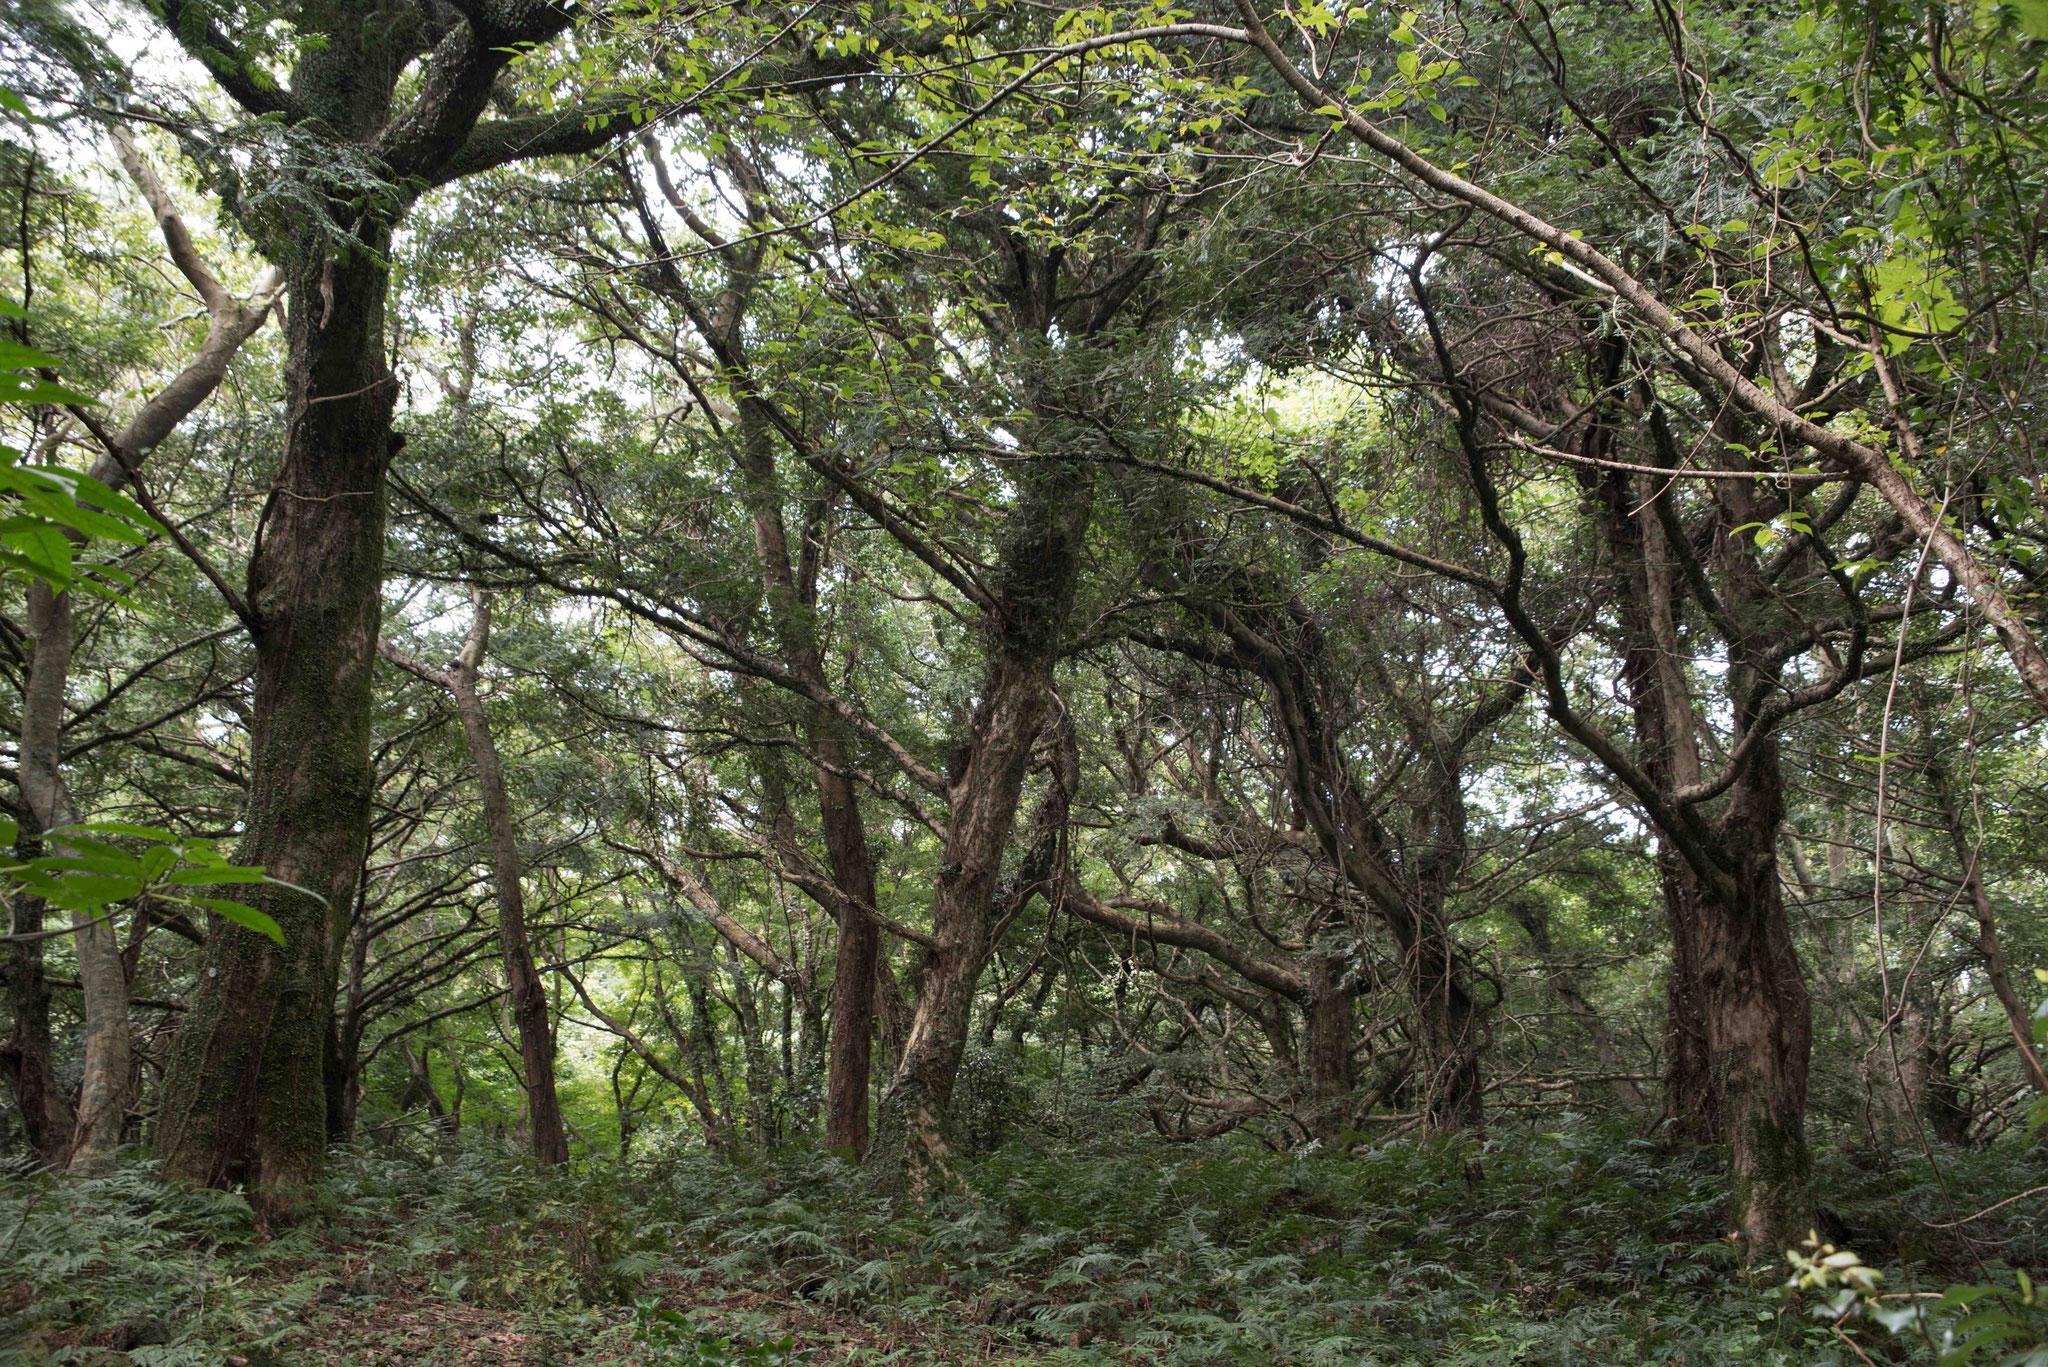 Maskatnussbäume  - fast wie in einem Urwald